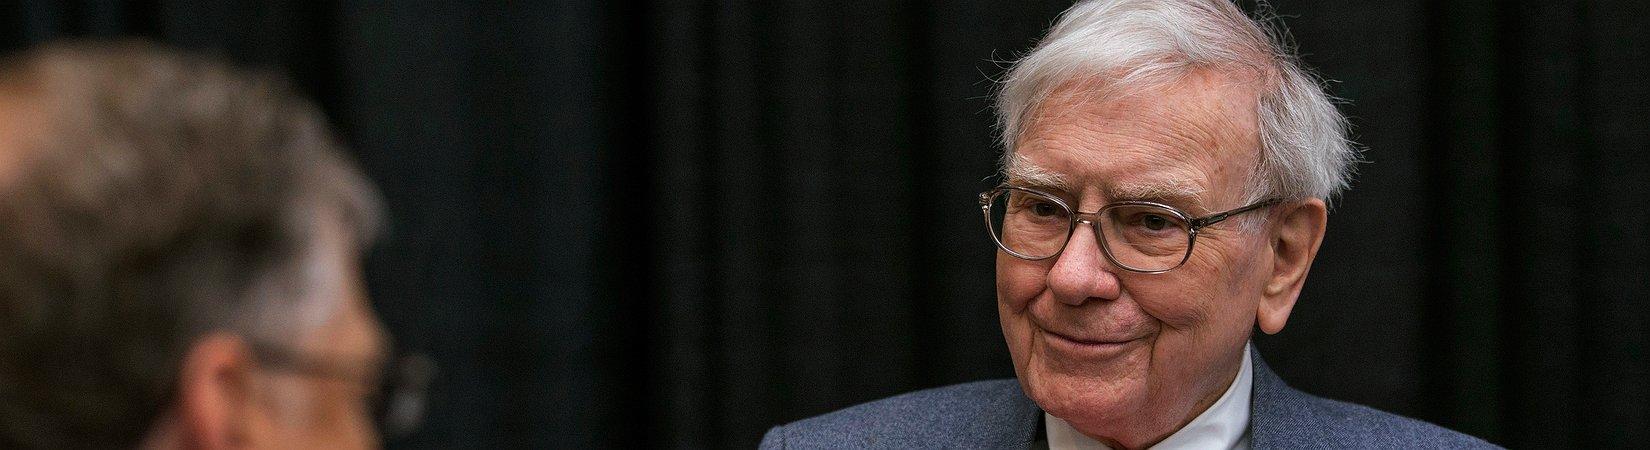 Warren Buffet consiguió deshacerse de las acciones de 21st Century Fox antes del escándalo